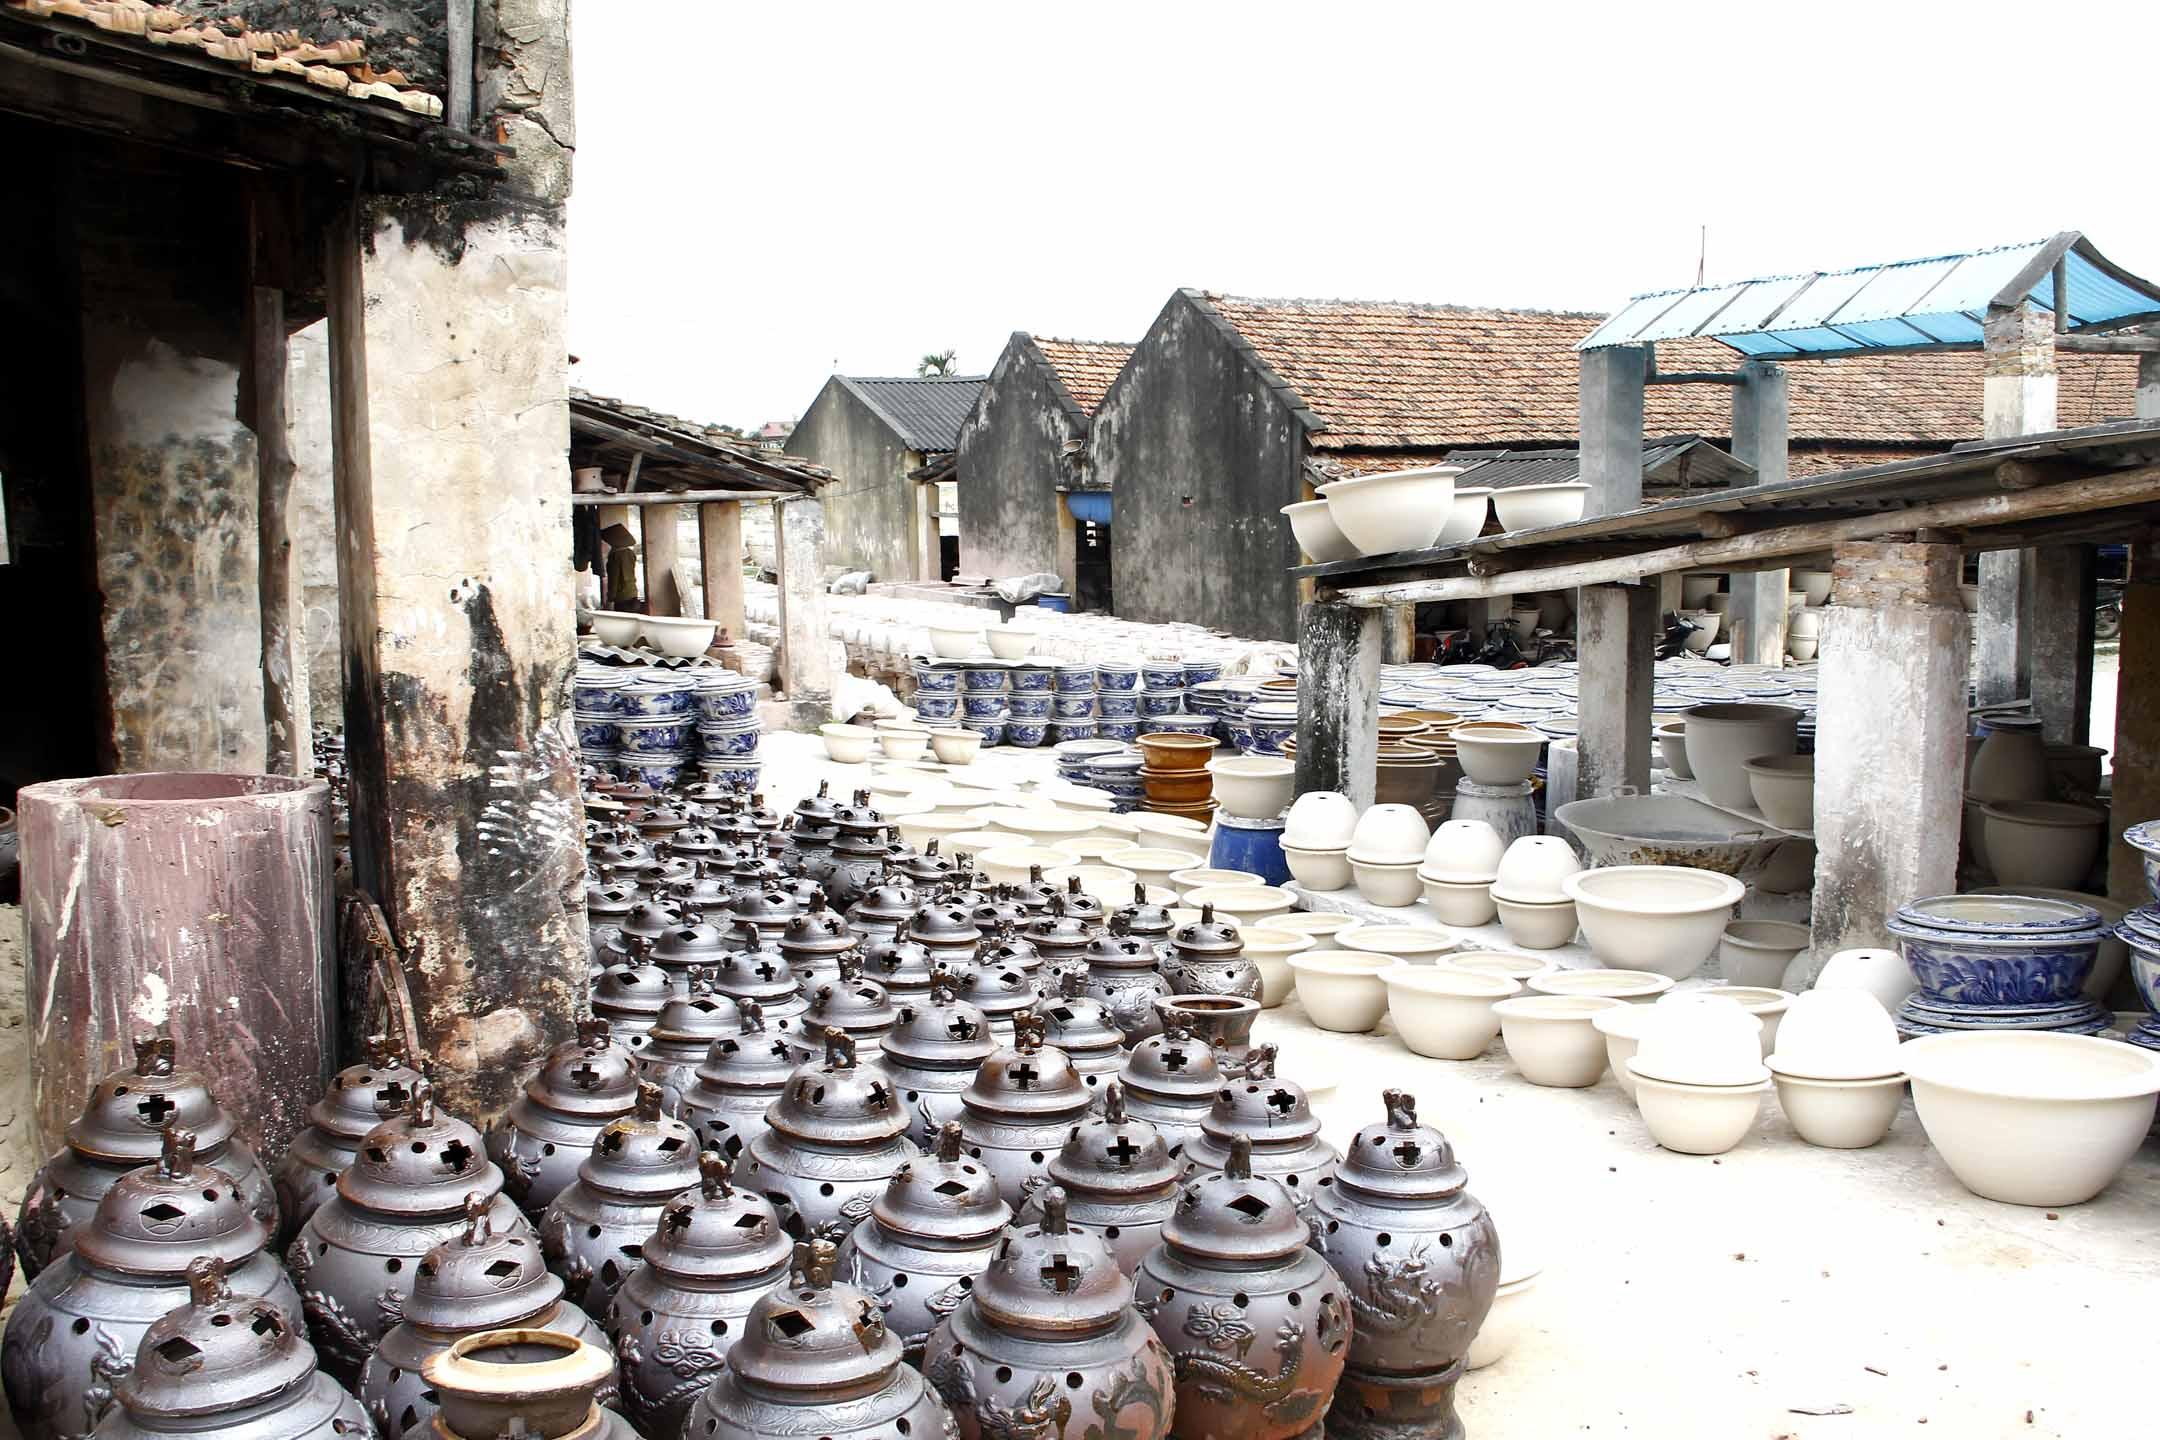 Sản phẩm gốm sứ Đông Triều được sản xuất hàng loạt và đưa đi thiêu thụ